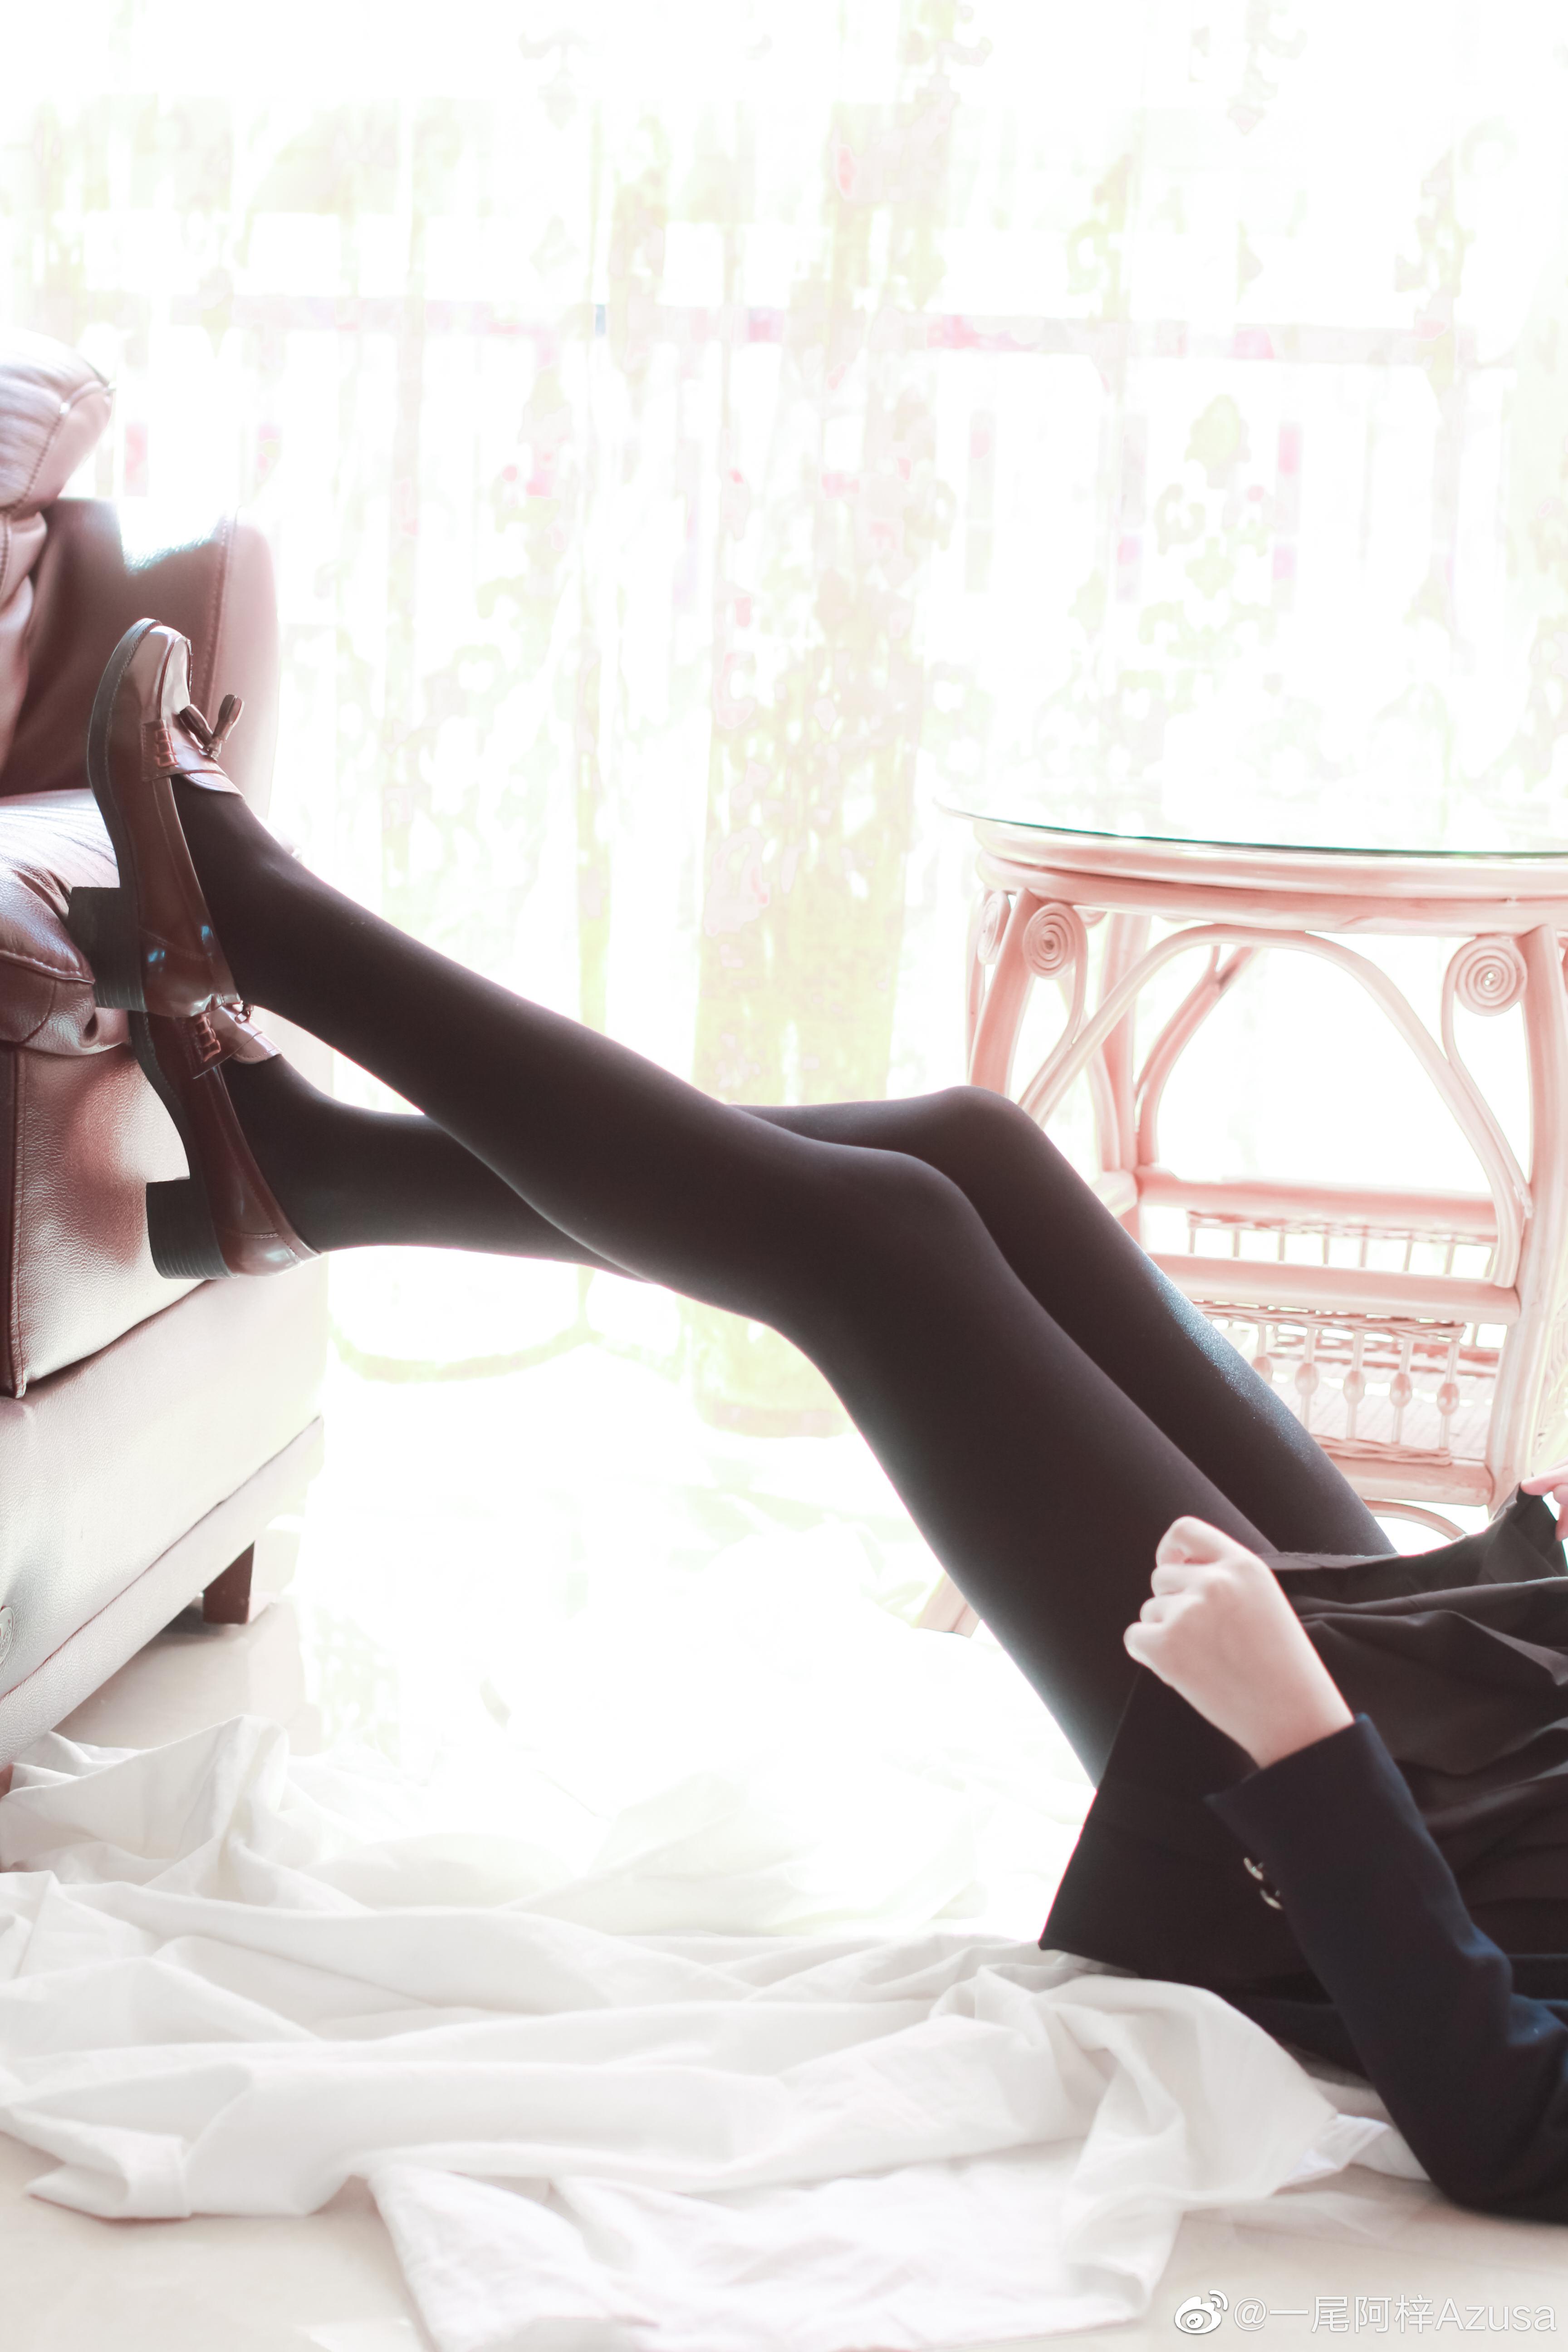 阿梓的腿子